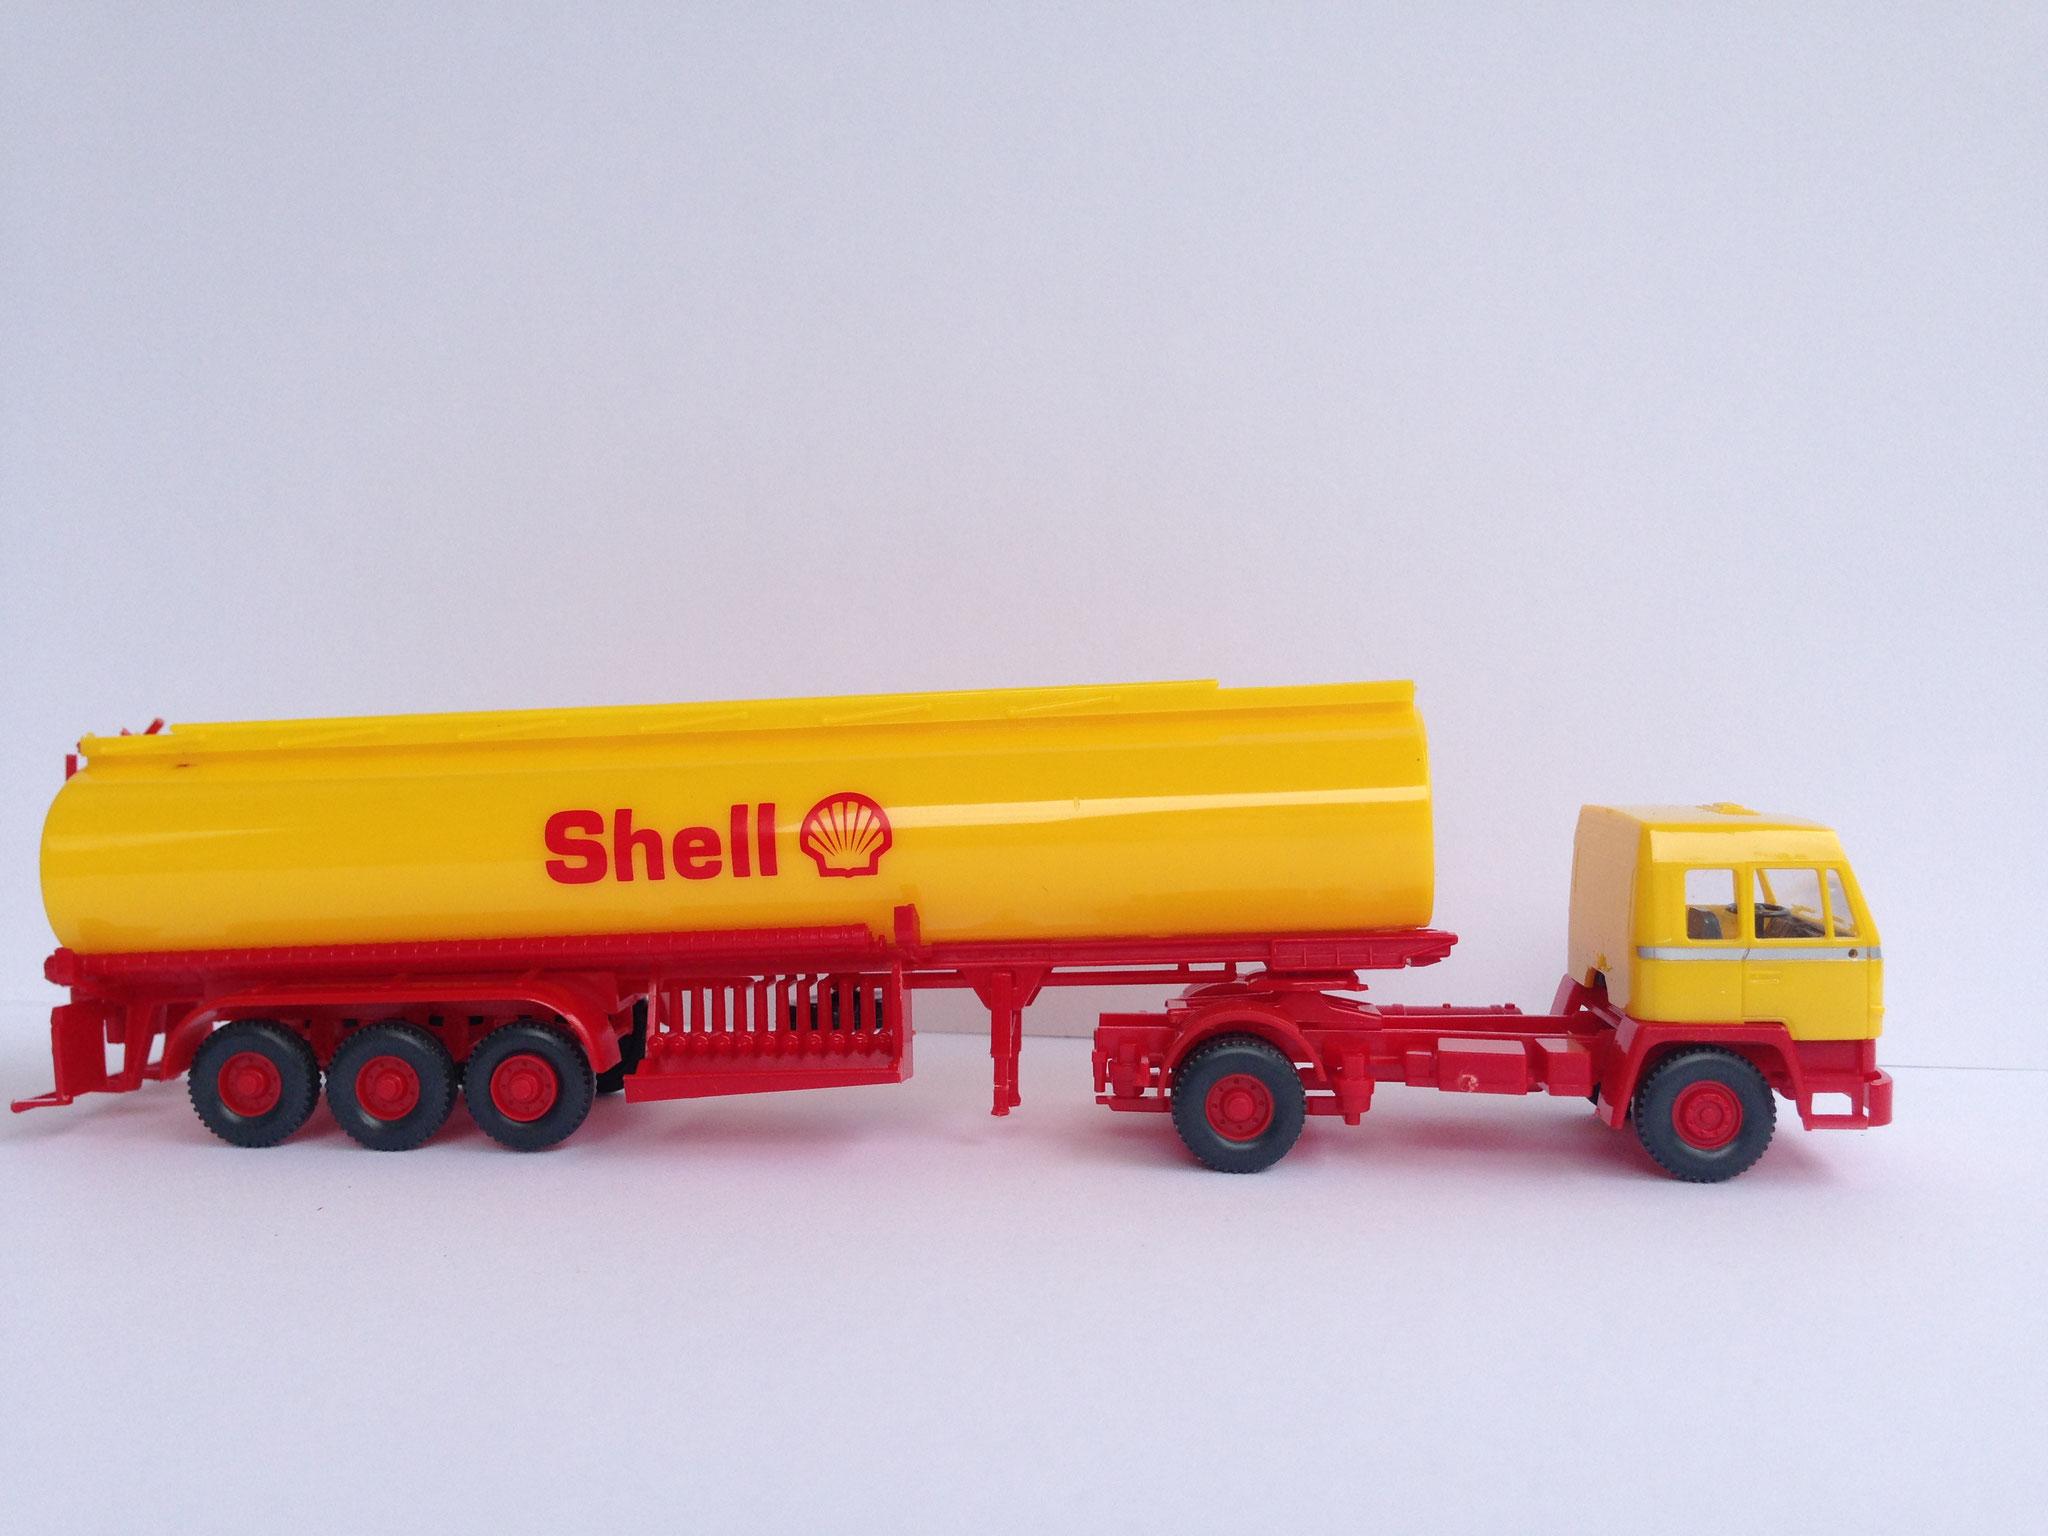 Shell Sattelzug mit 3-Achs-Tankauflieger (von Wiking unter dem Label Roskopf), Art. Nr. 411 (ab 1996 im Programm)